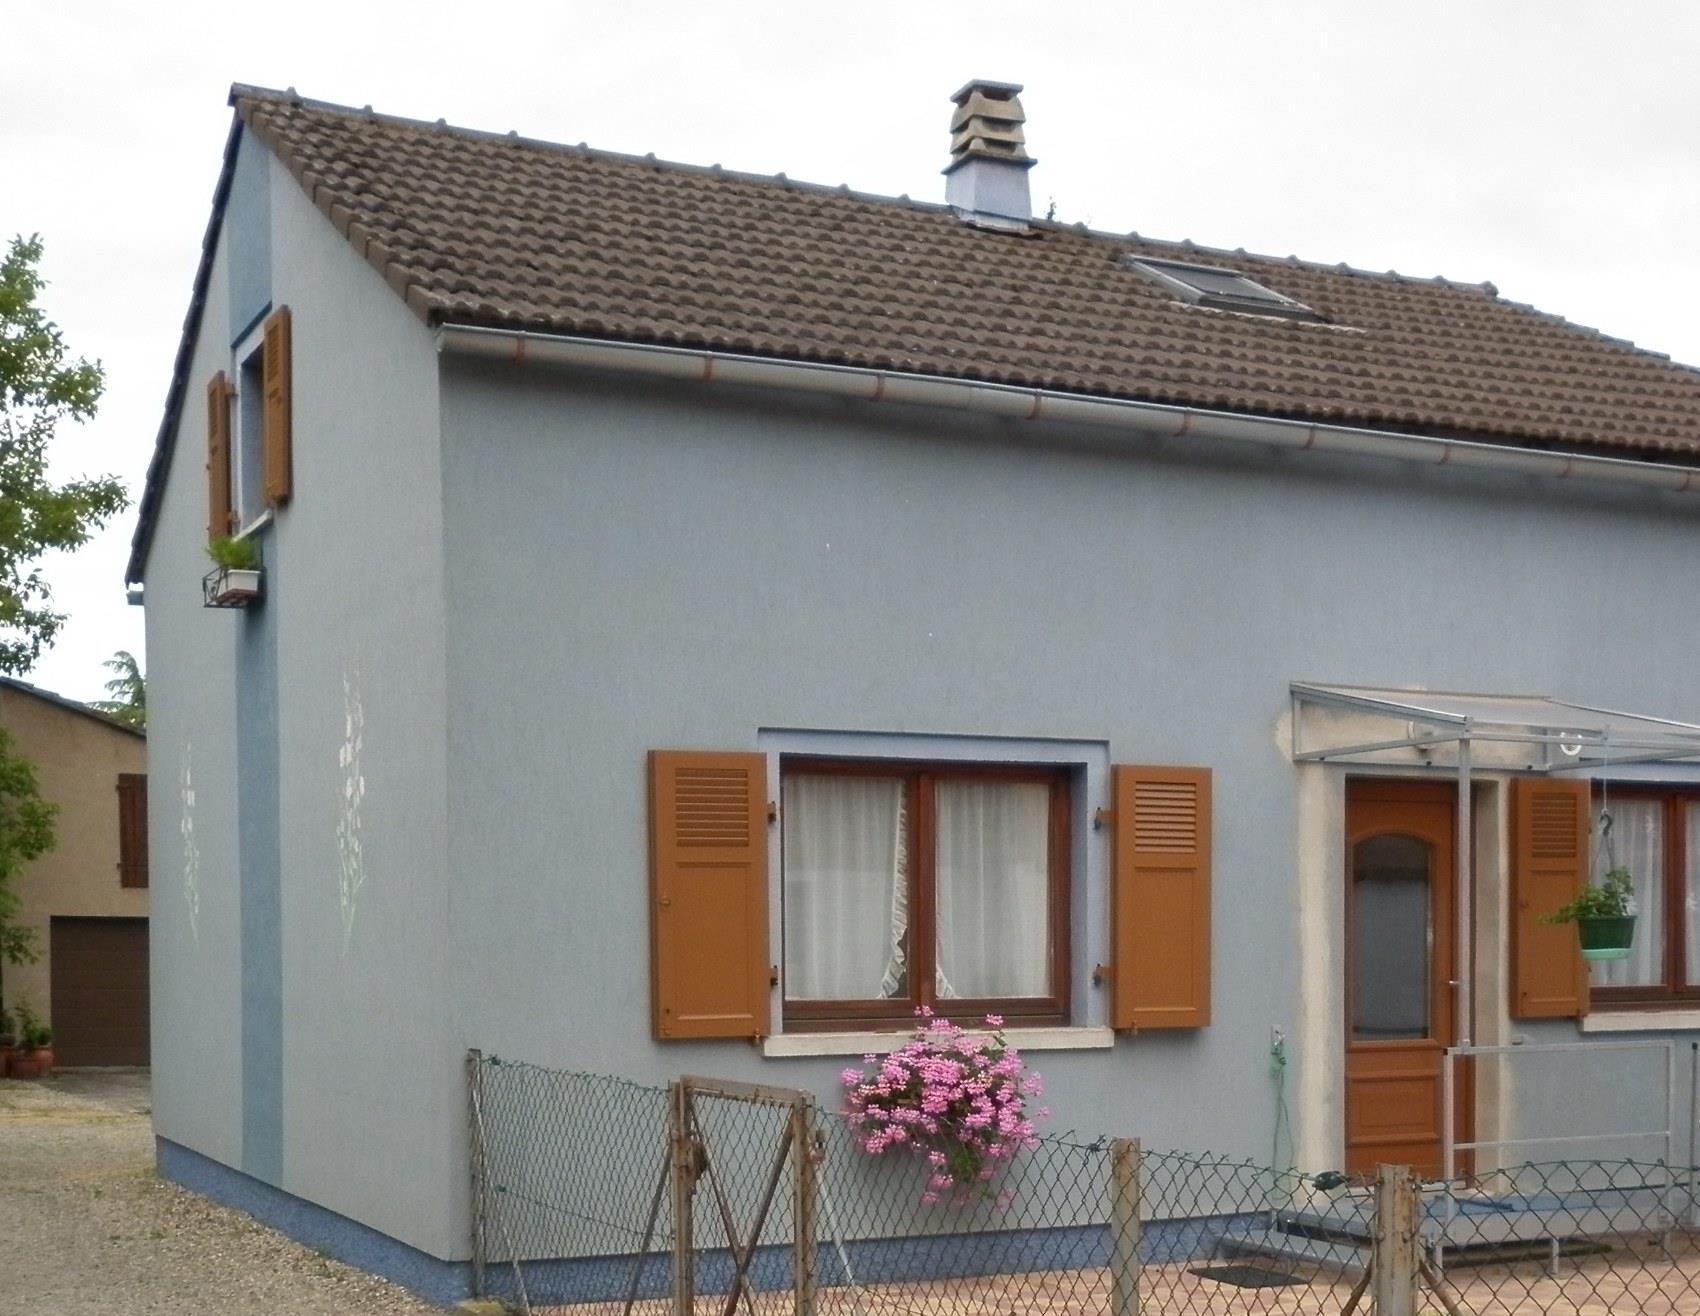 la maison bleue - le propriétaire